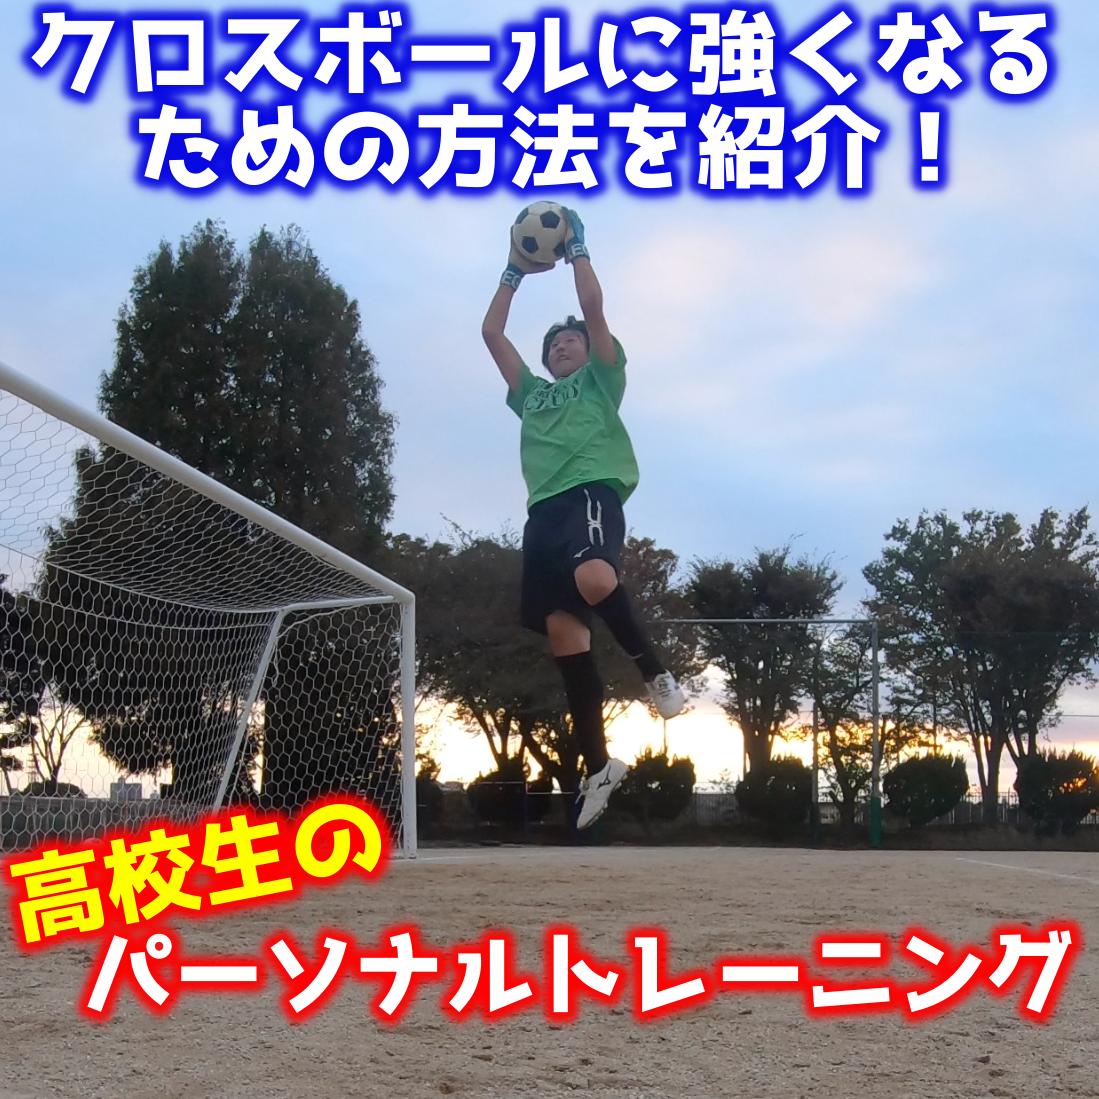 クロスボールに強くなるためのトレーニング方法をご紹介!高校生のパーソナルトレーニング!